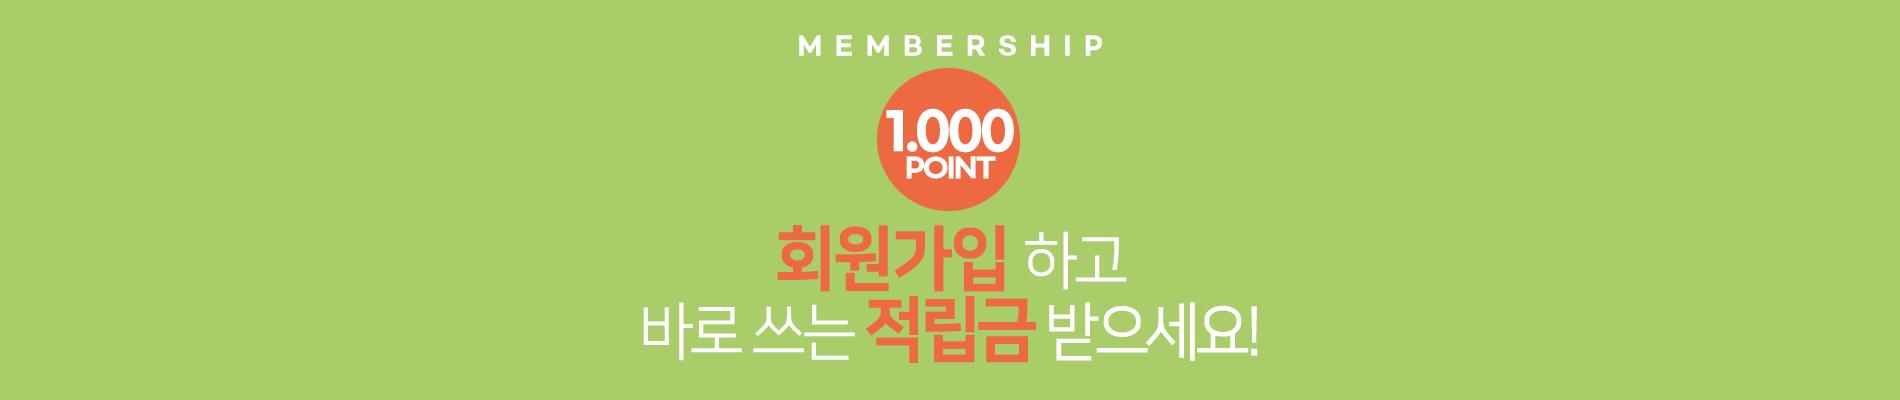 회원가입 1000P